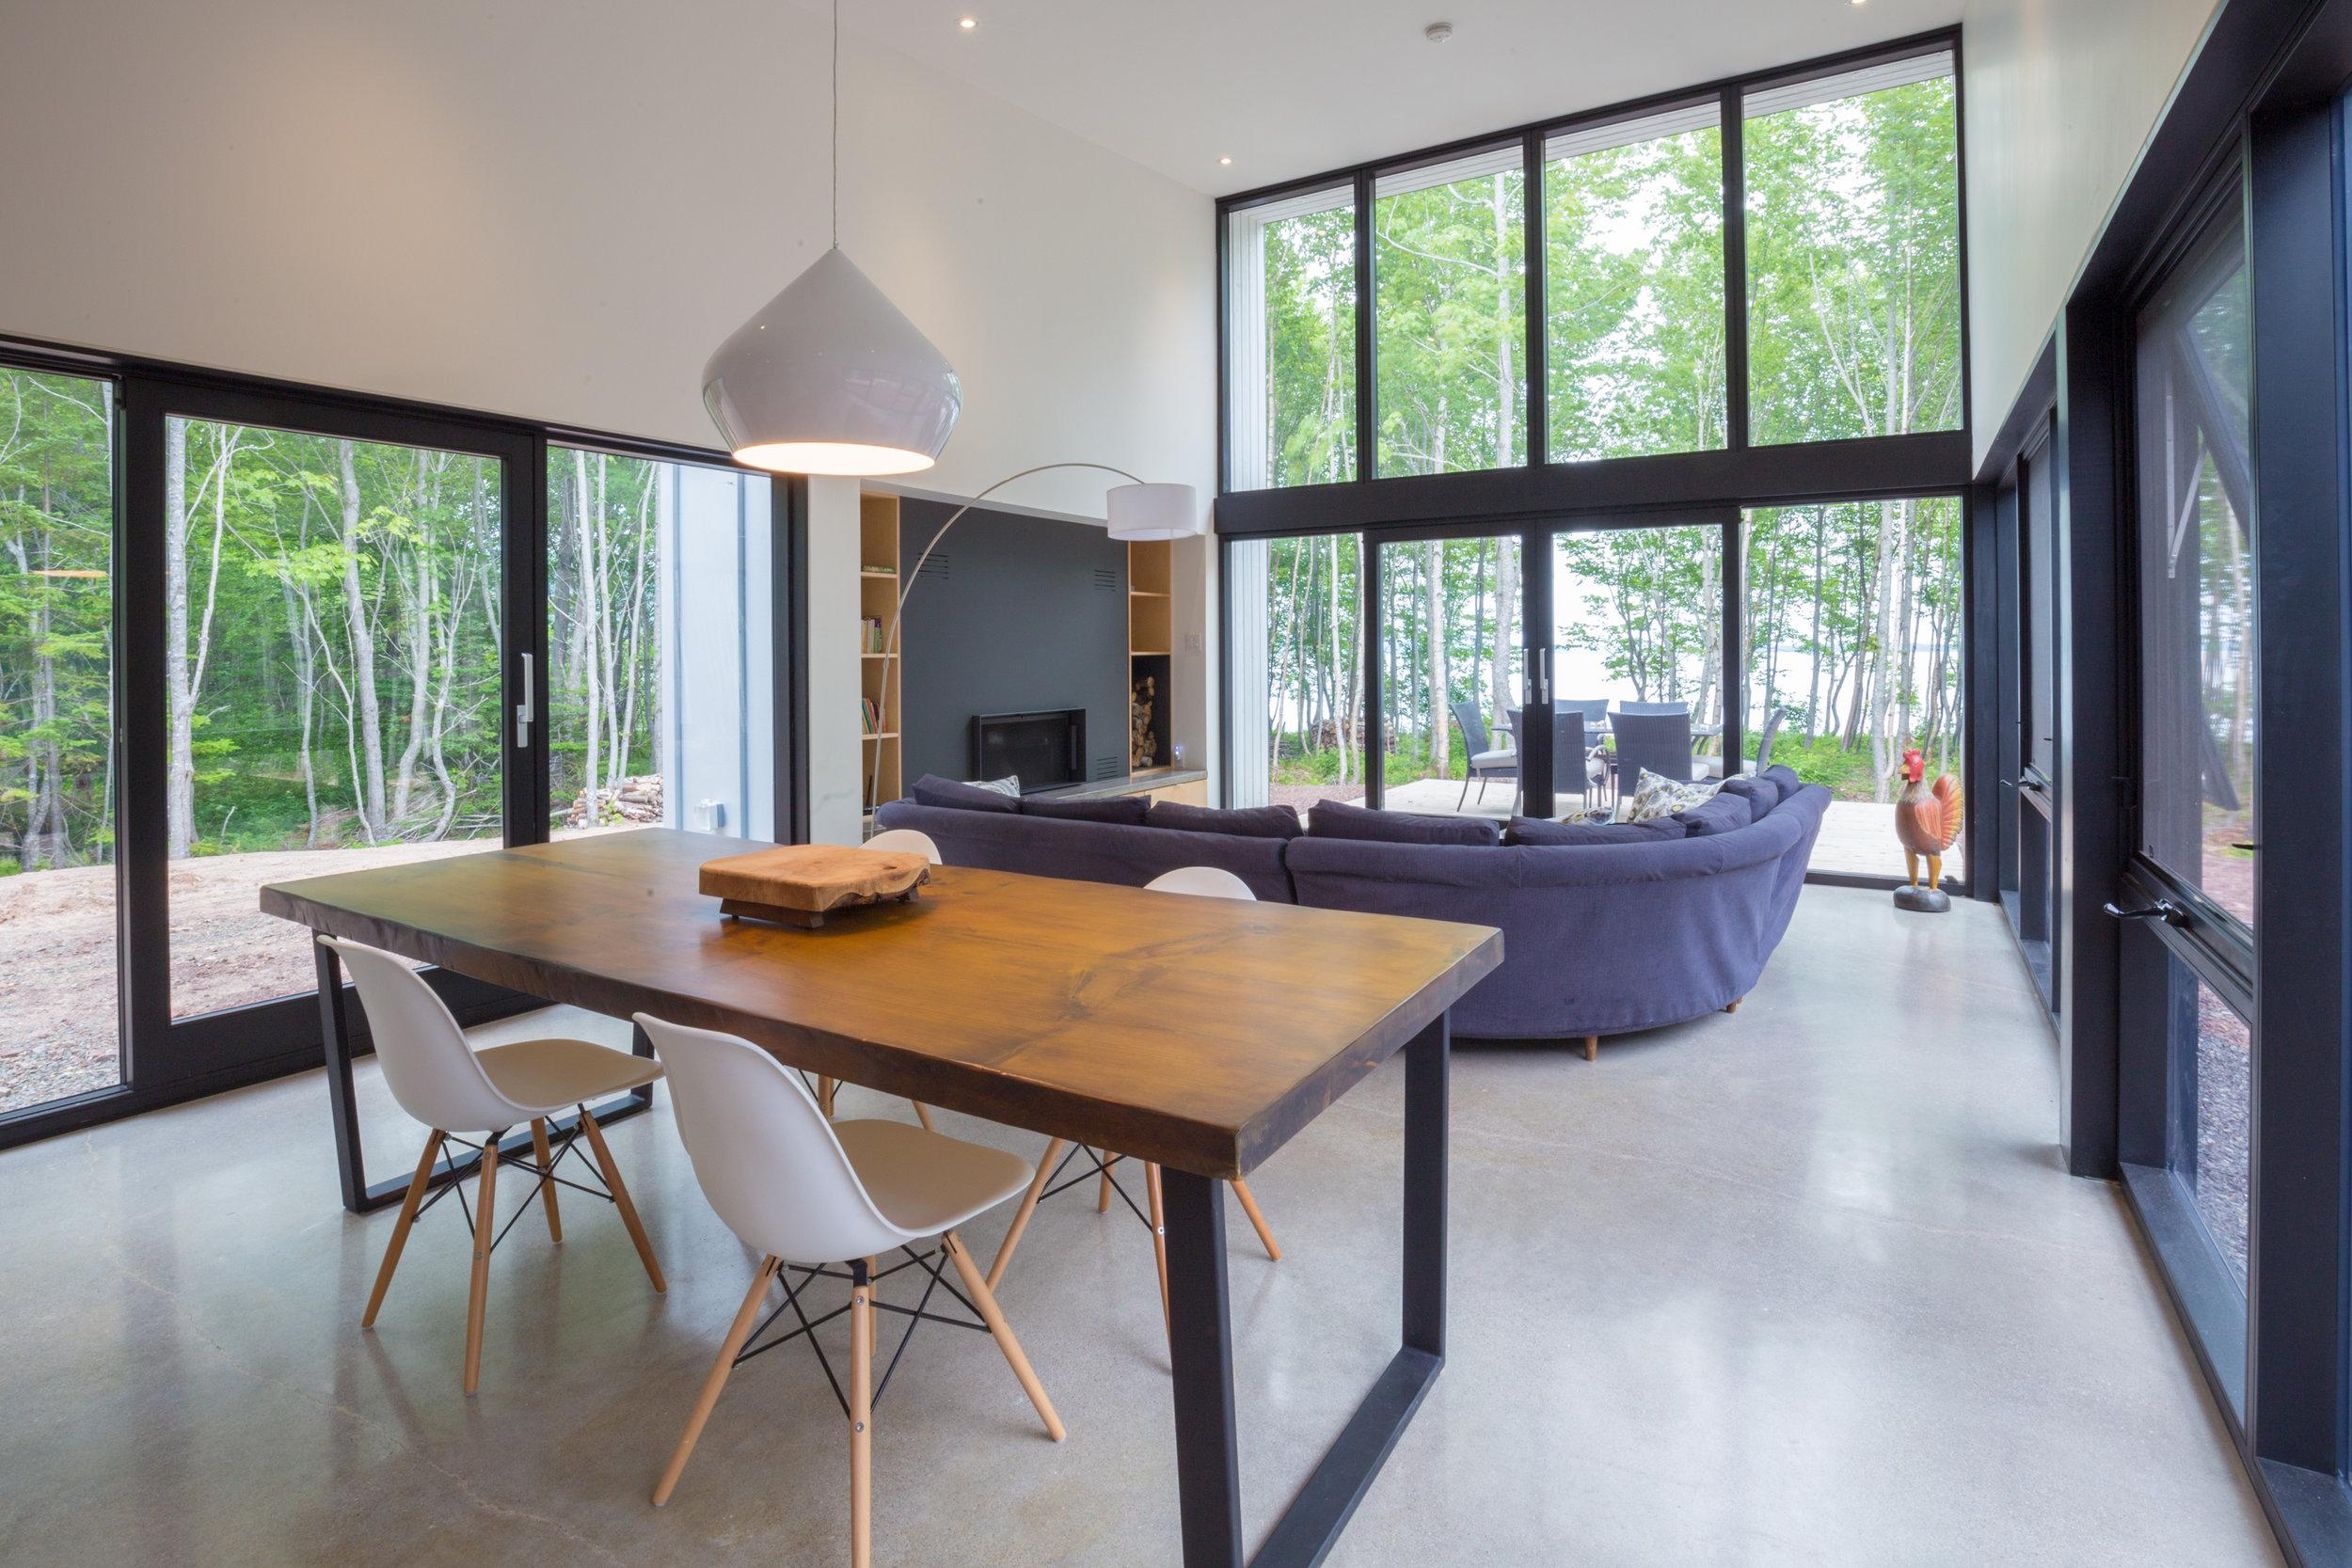 lake house nicholas fudge architects cape breton nova scotia interior.jpg